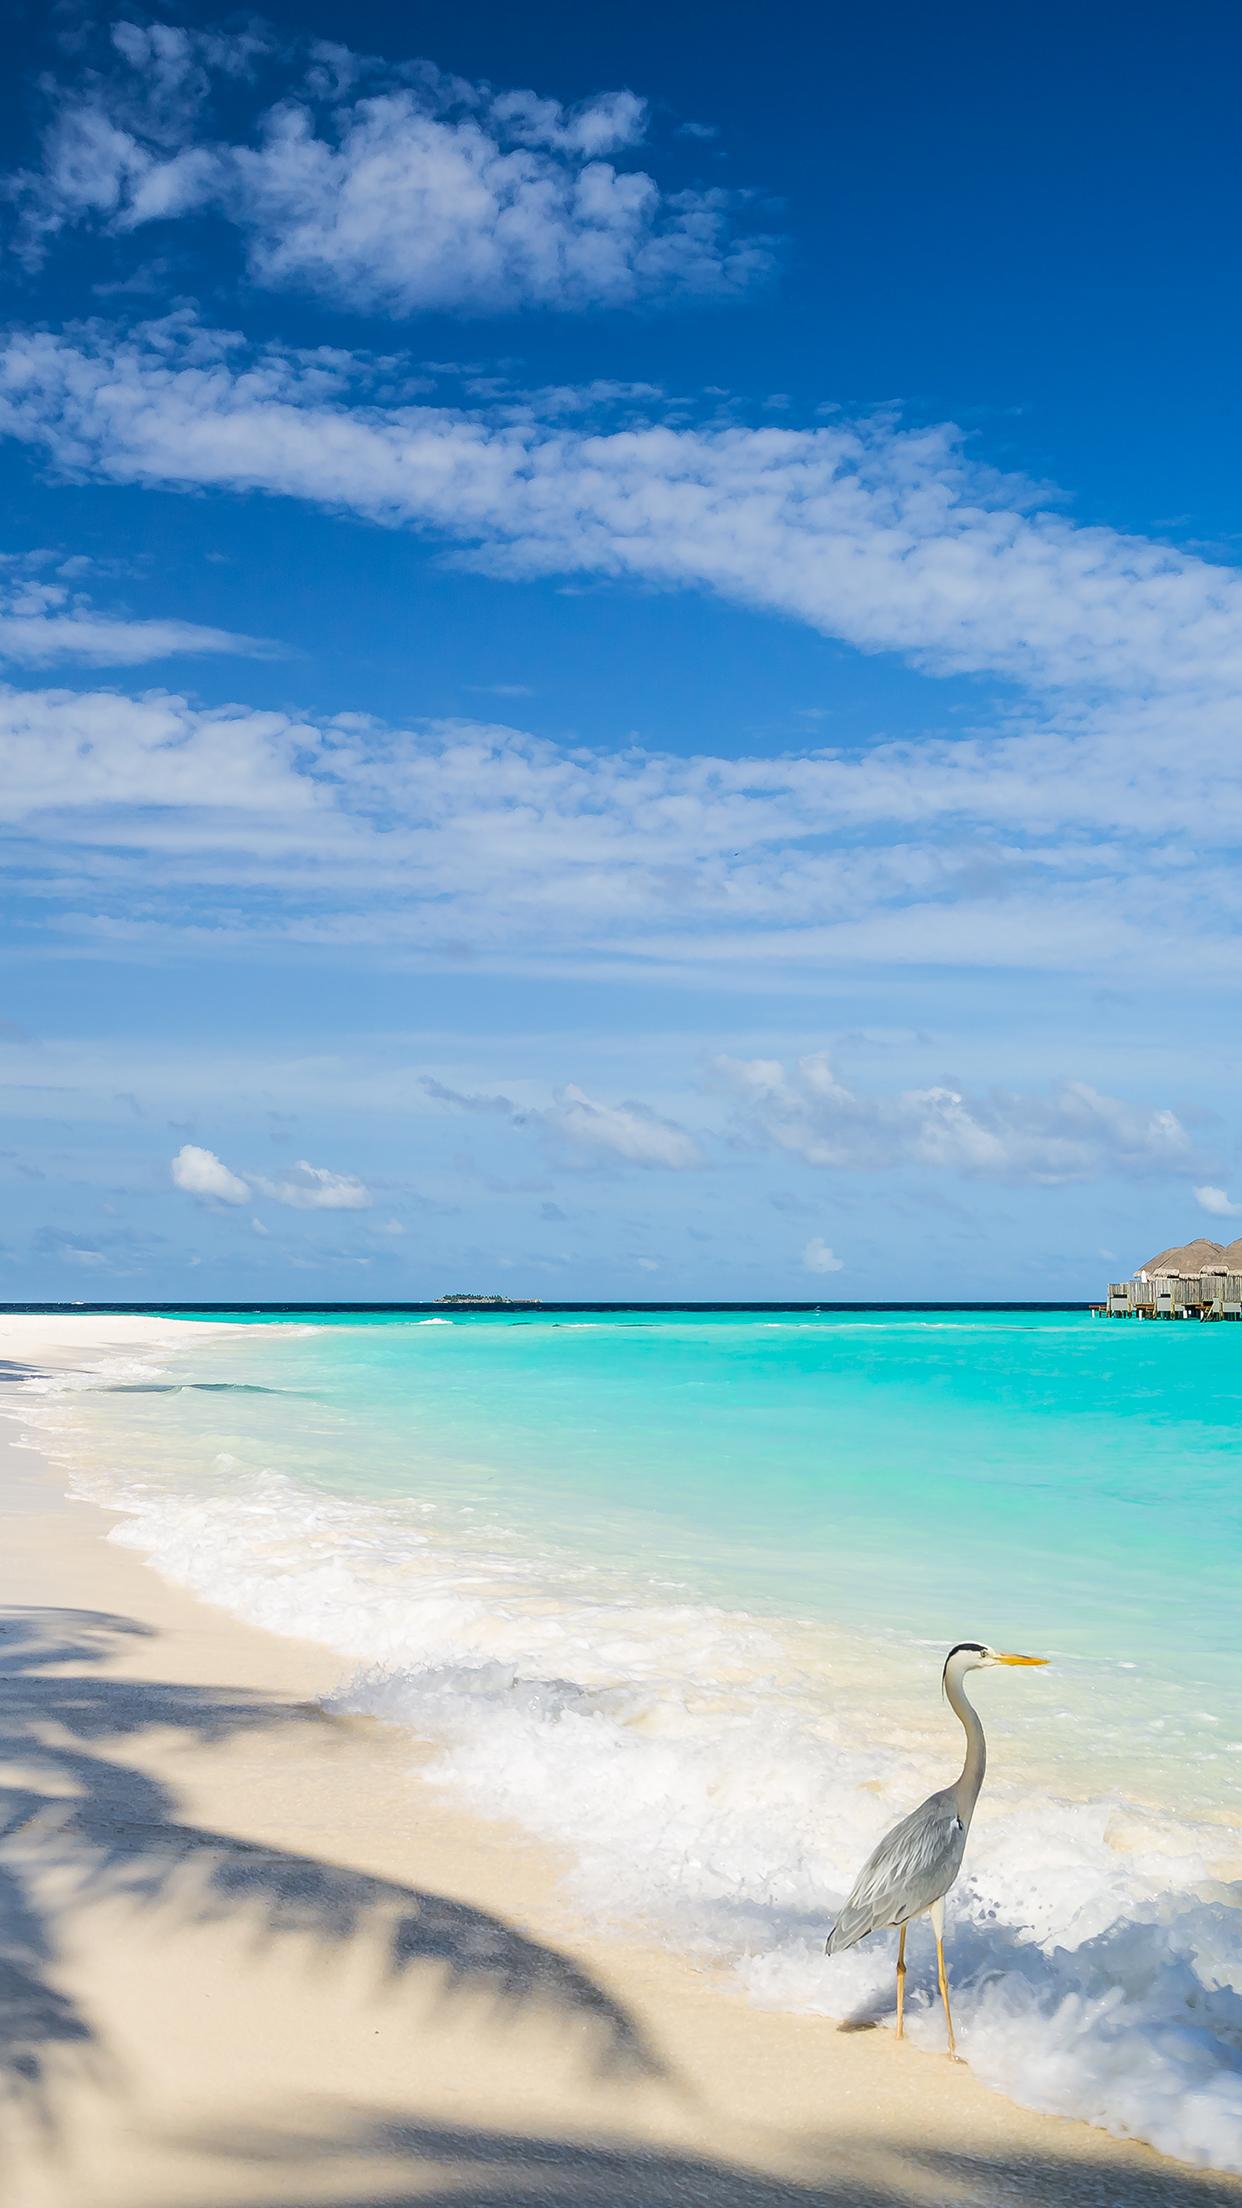 Maldives Beach 3Wallpapers iphone Parallax Maldives Beach